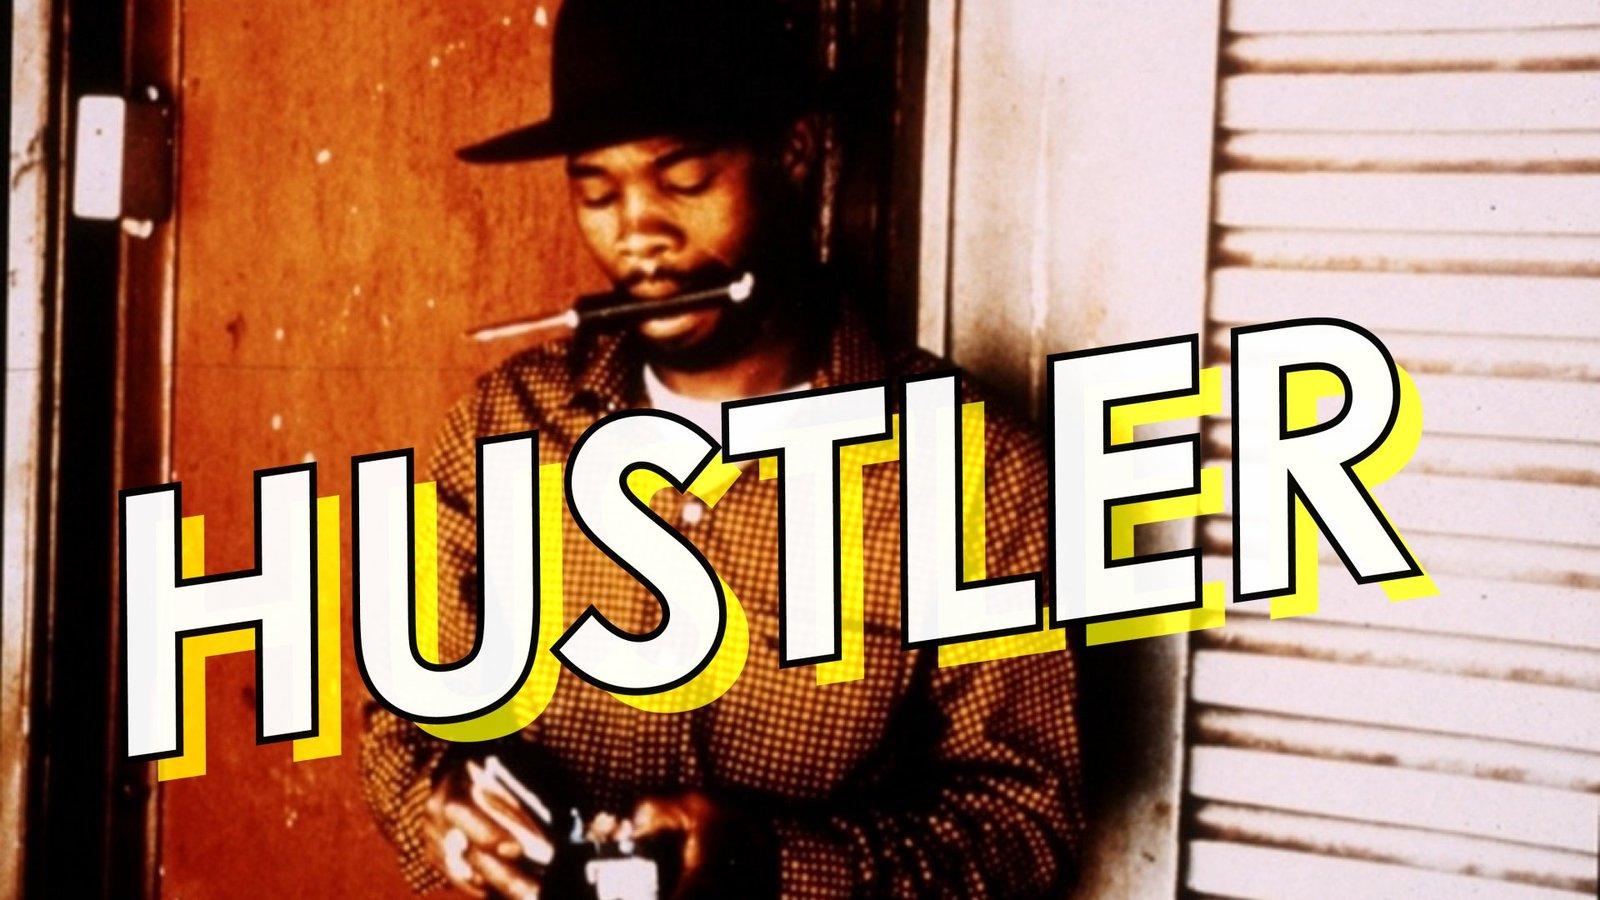 Hustler - Mapantsula